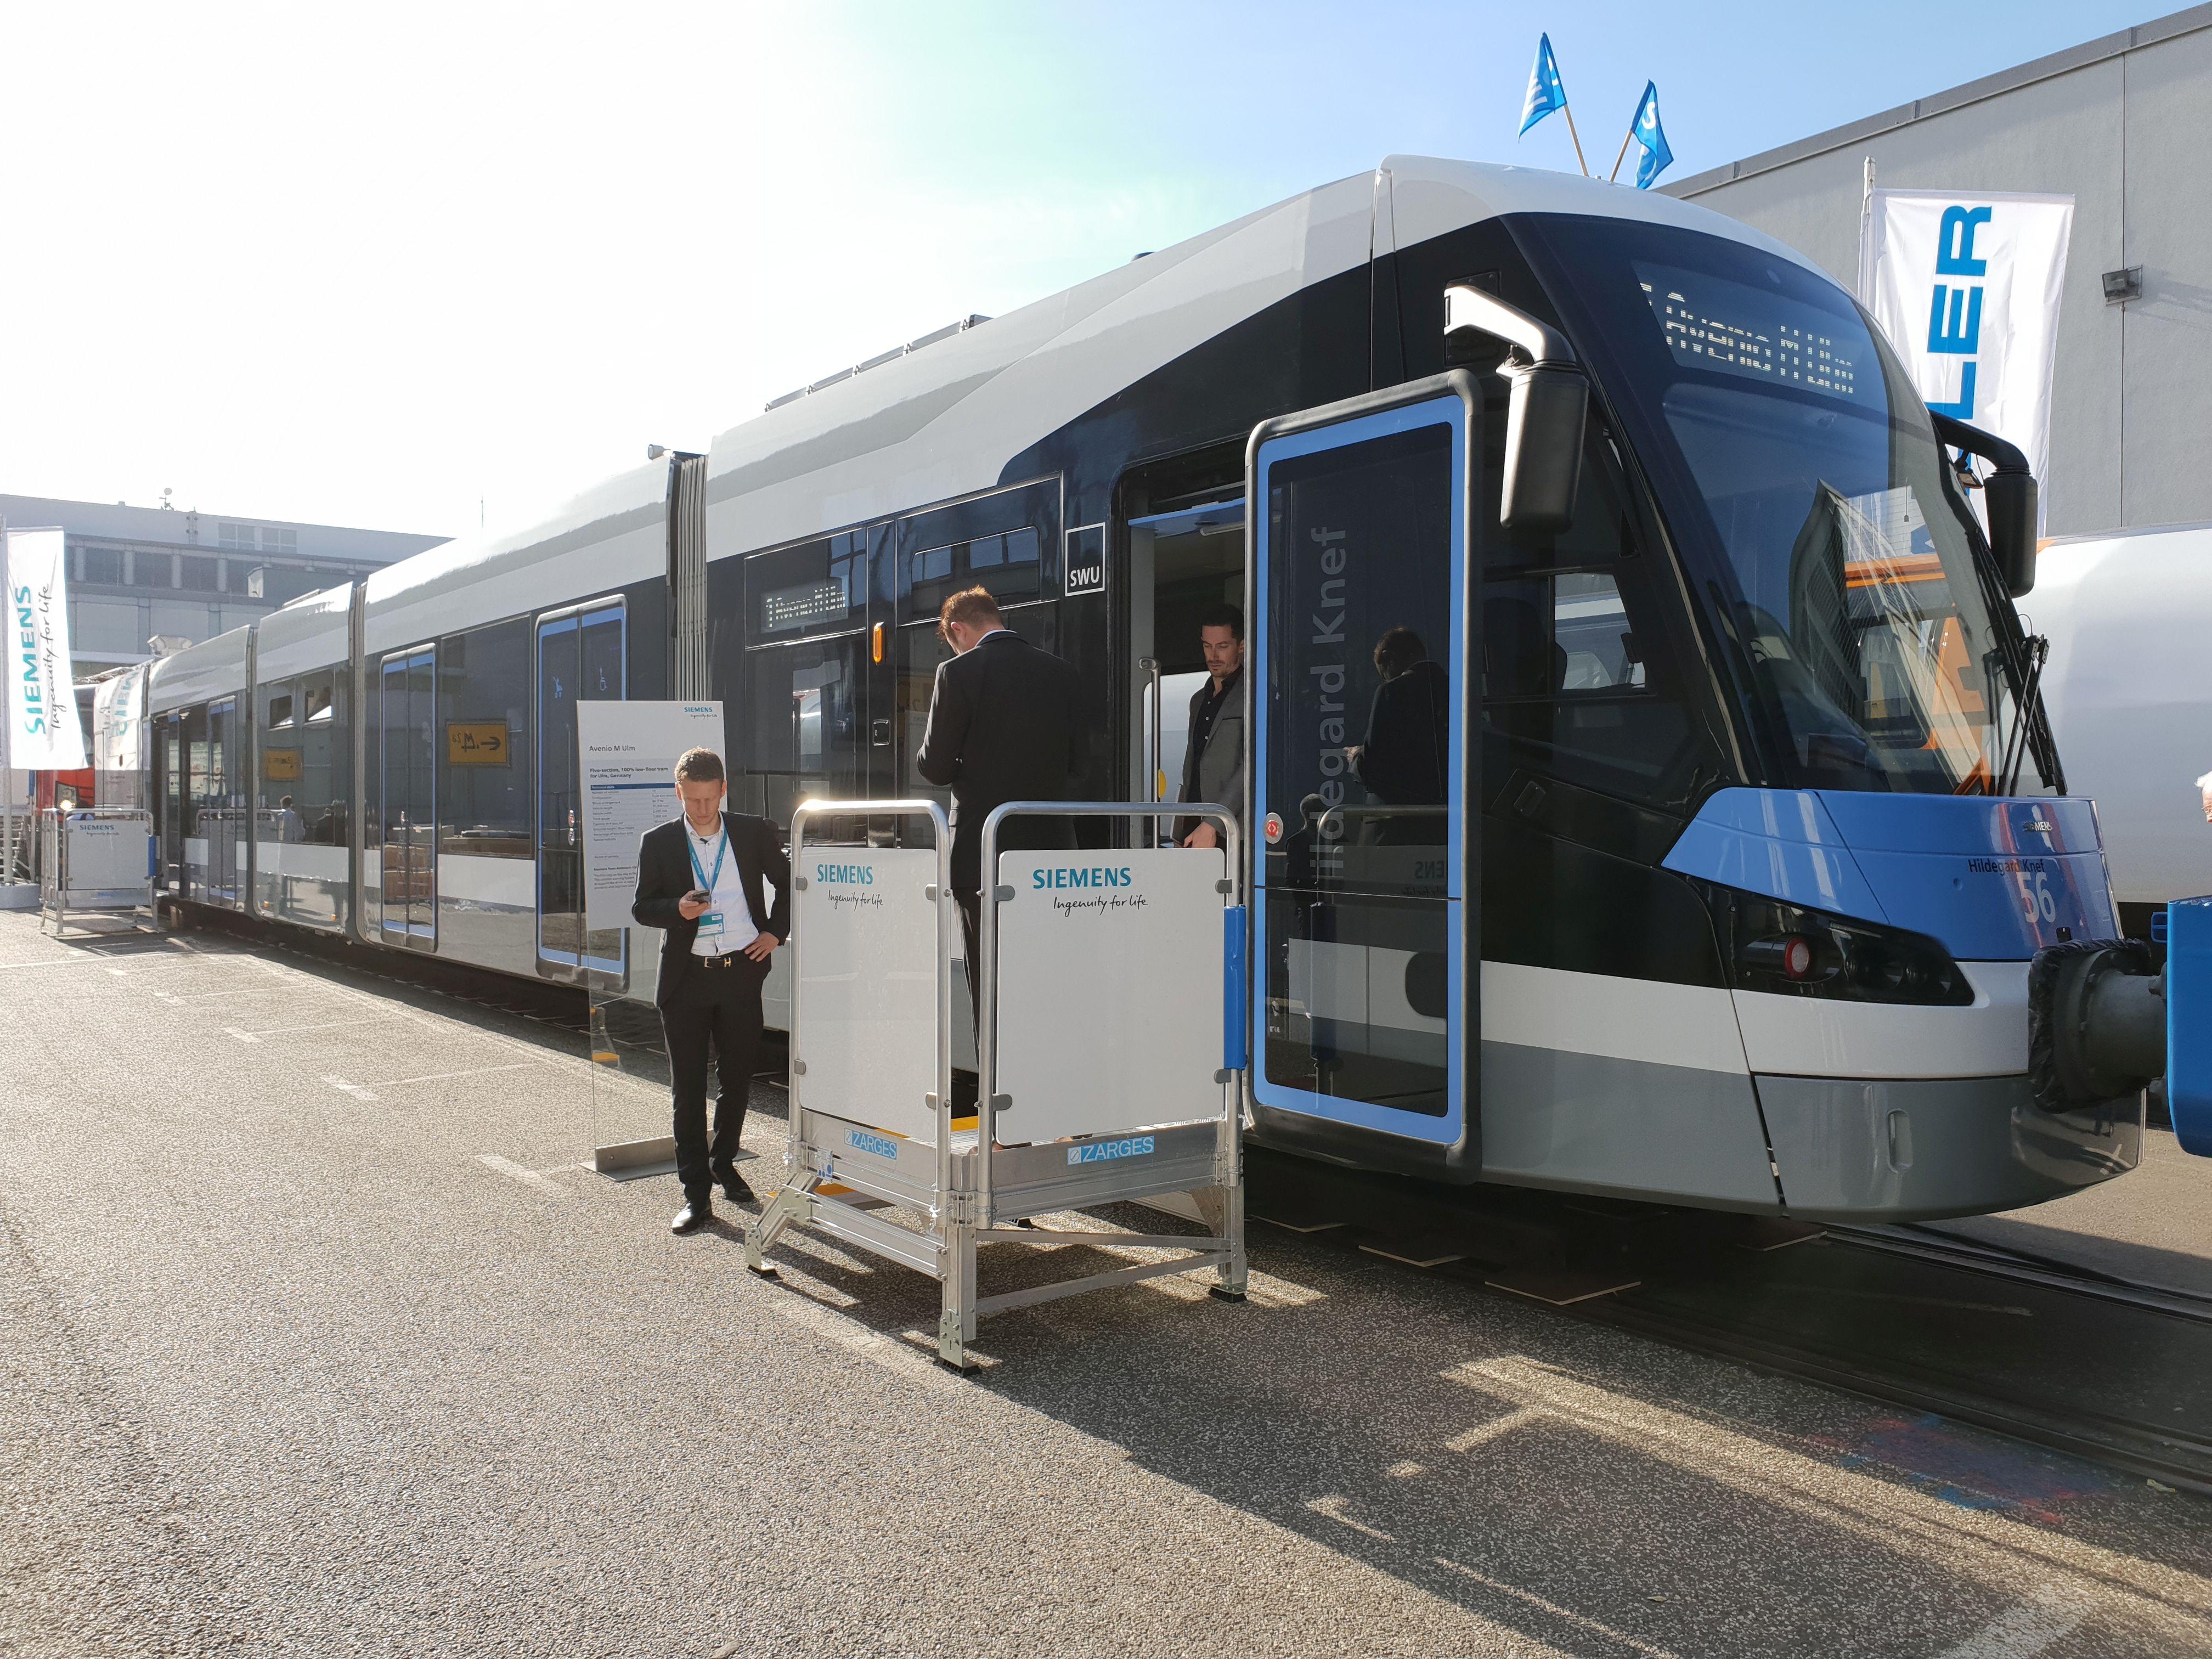 Foto: Straßenbahn Avenio von Siemens für Ulm auf der Berliner Innotrans 2018